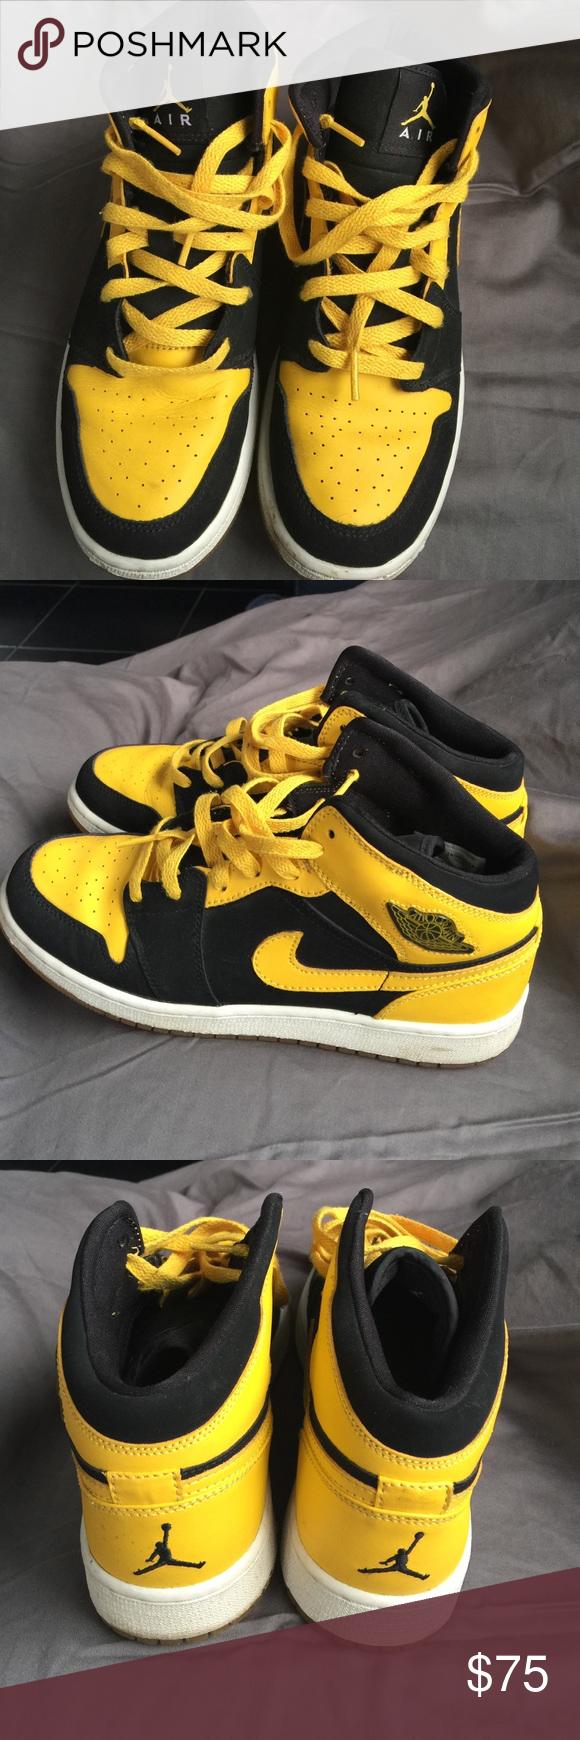 b9116745a8d8e Retro Air Jordan 1 Used Black and Yellow Air Jordan Retro 1 Jordan Shoes  Sneakers